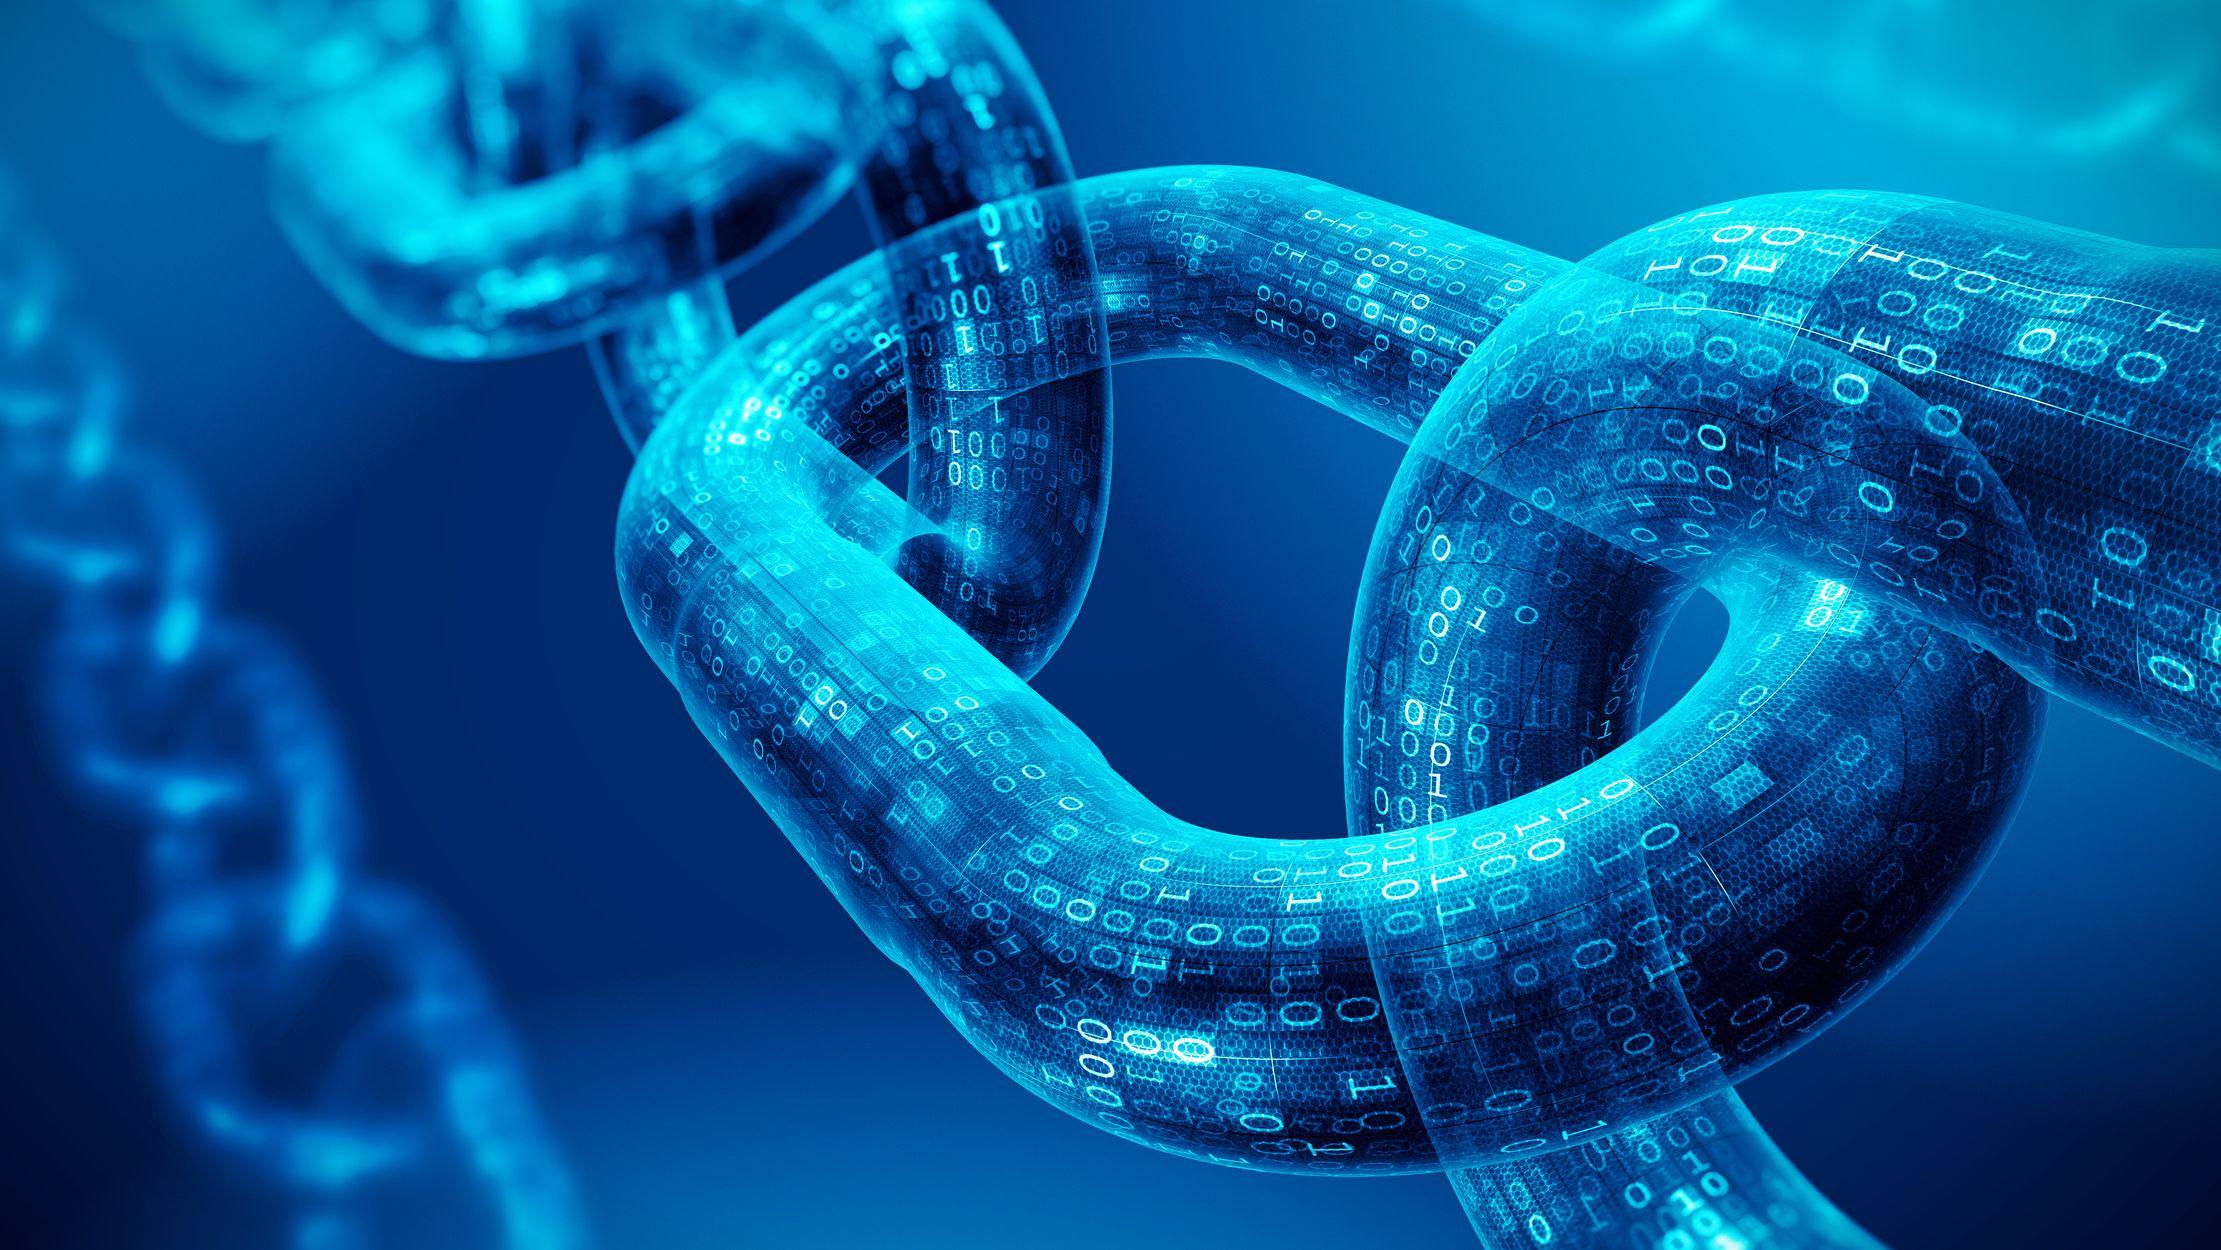 Nach Kabinettsbeschluss: Bundesregierung erntet Applaus für Blockchain-Strategie